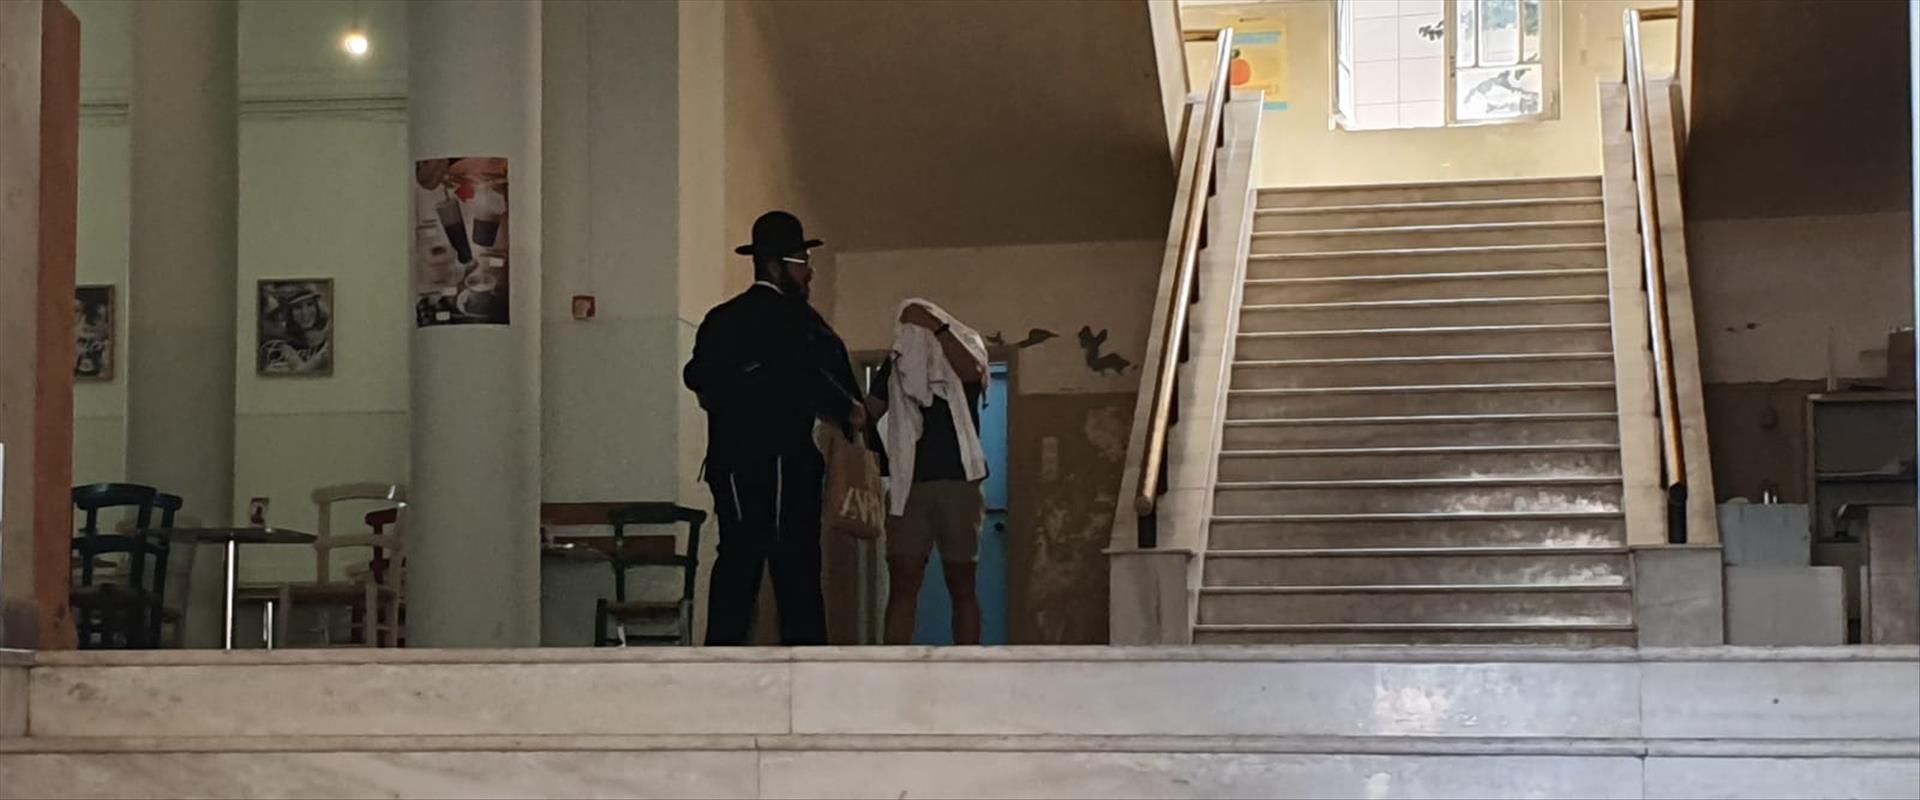 תמונה ראשונה של החשודים בבית המשפט בהרקליון